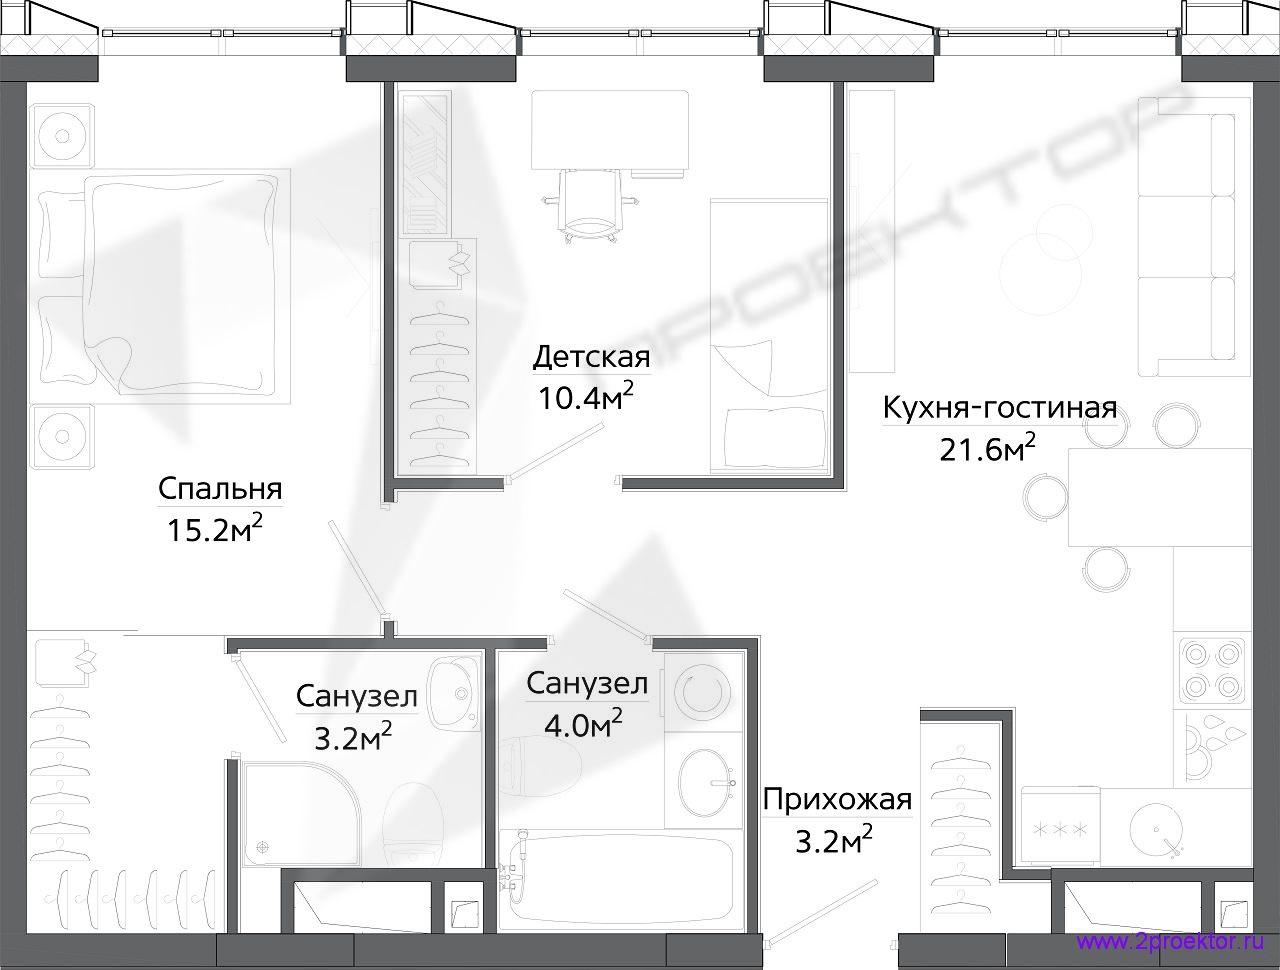 Типовой вариант планировки двухкомнатной квартиры в Жилом комплексе Discovery Park.